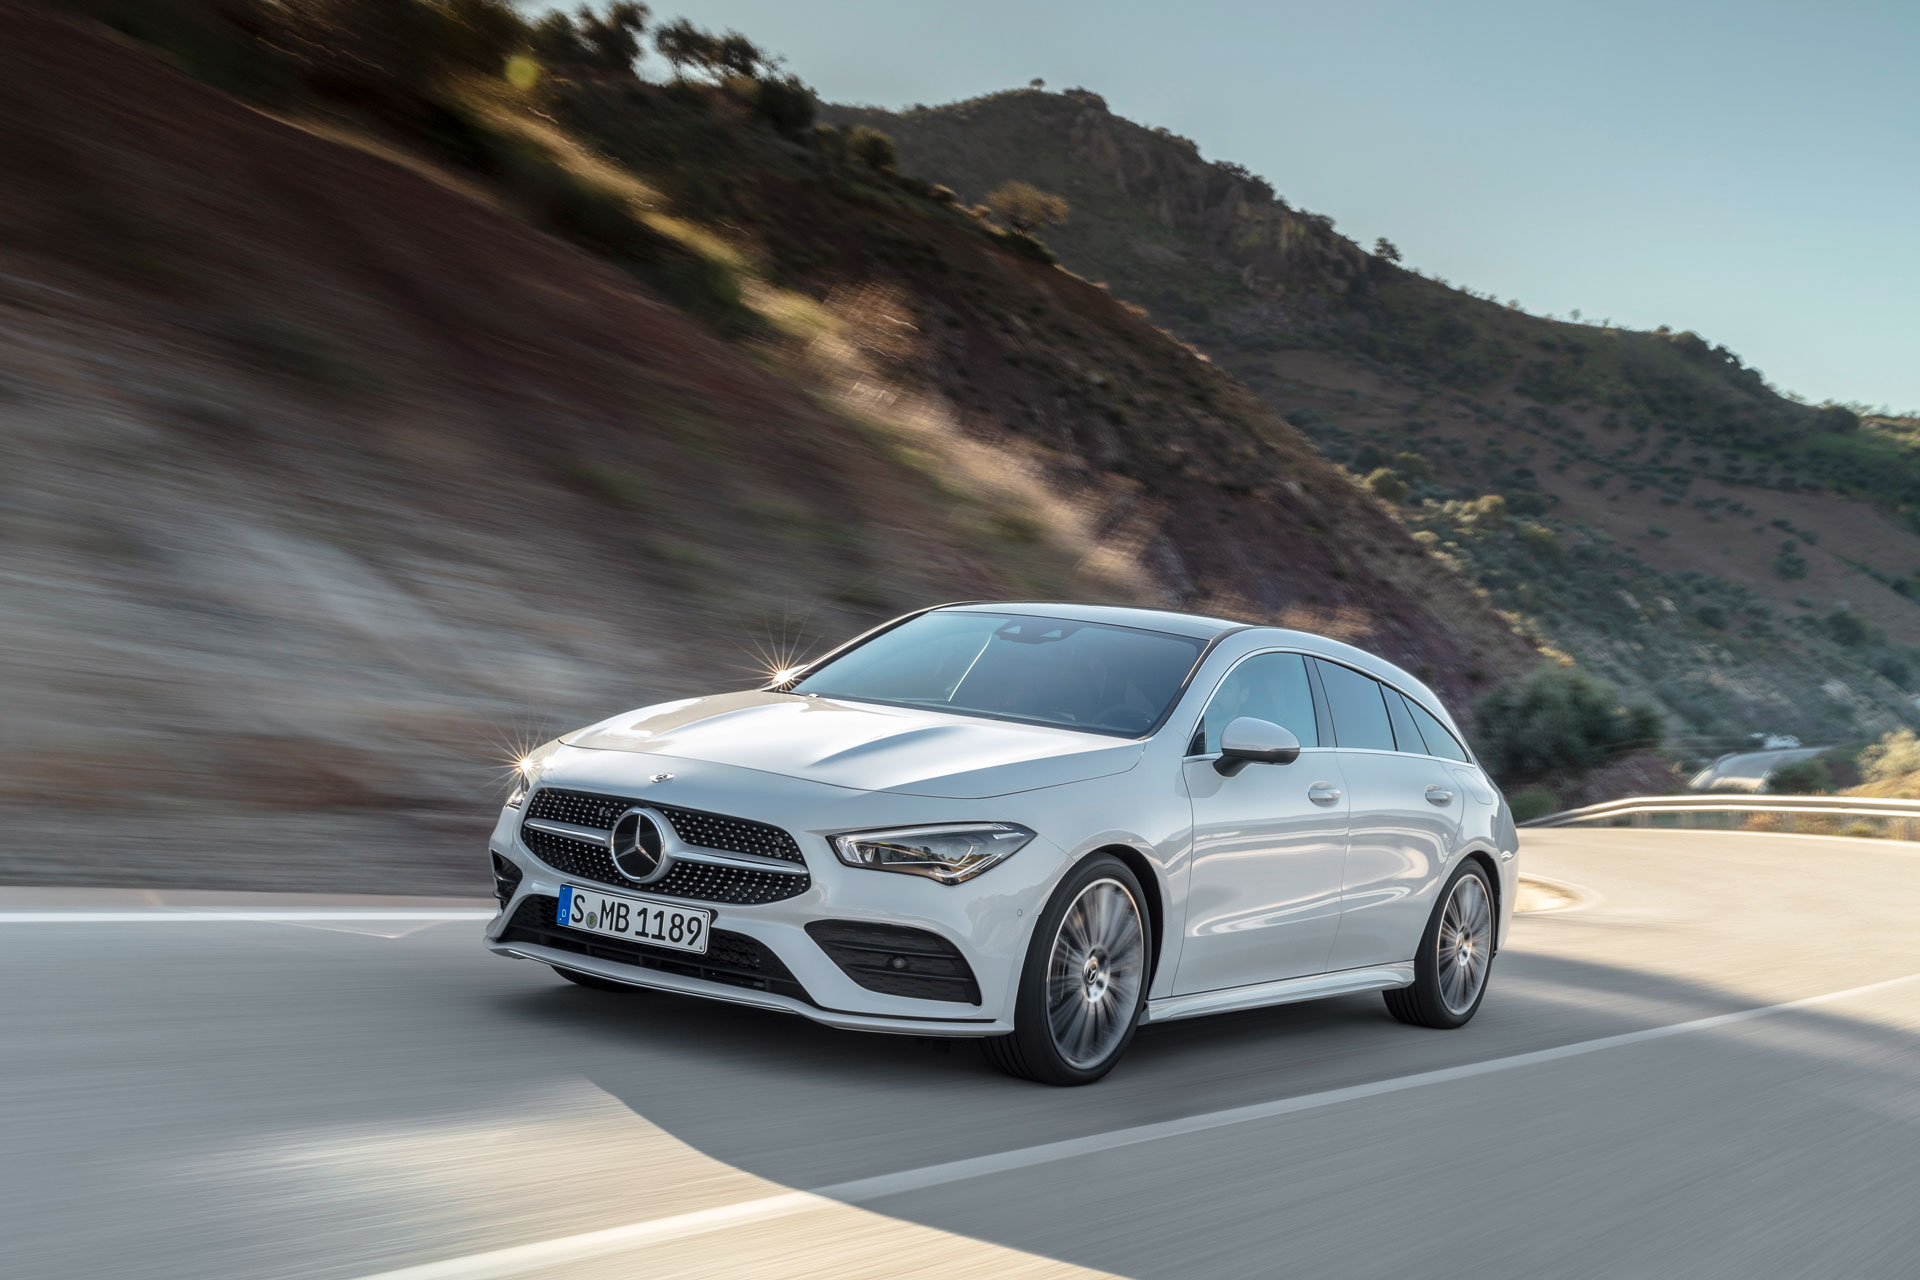 Новий Mercedes-Benz CLA Shooting Brake: спортивний автомобіль з багажним відділенням